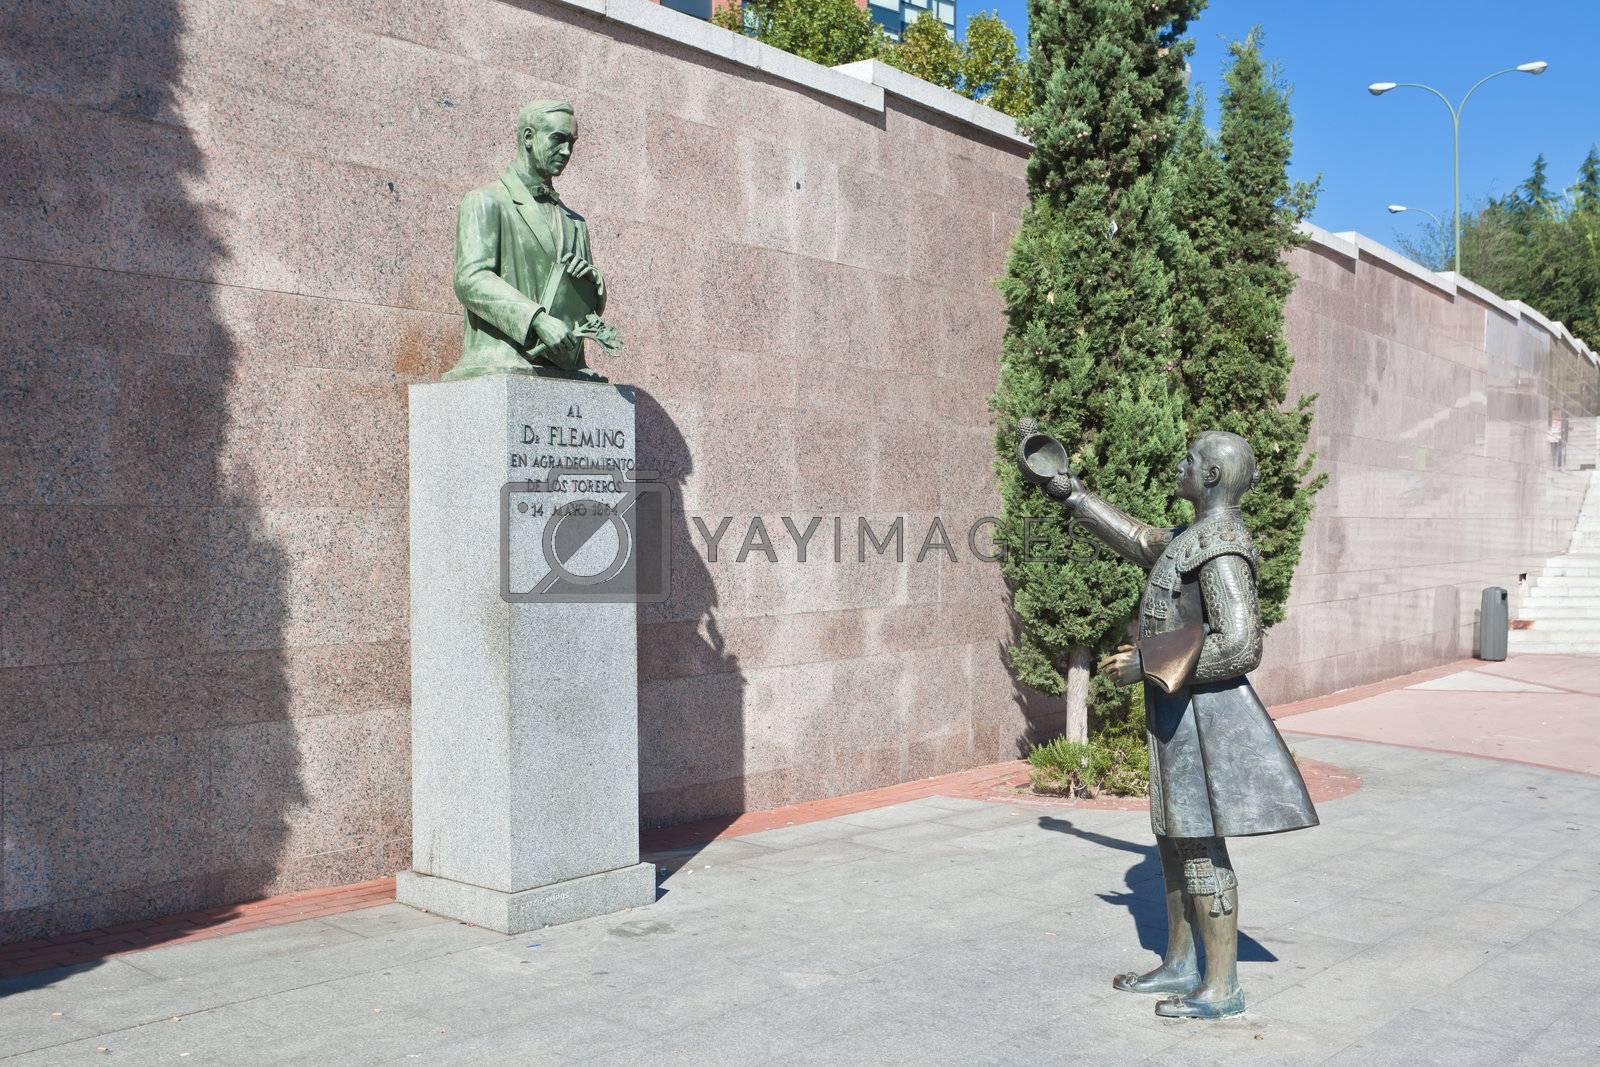 sculpture in front of Bullfighting arena Plaza de Toros in Madrid,